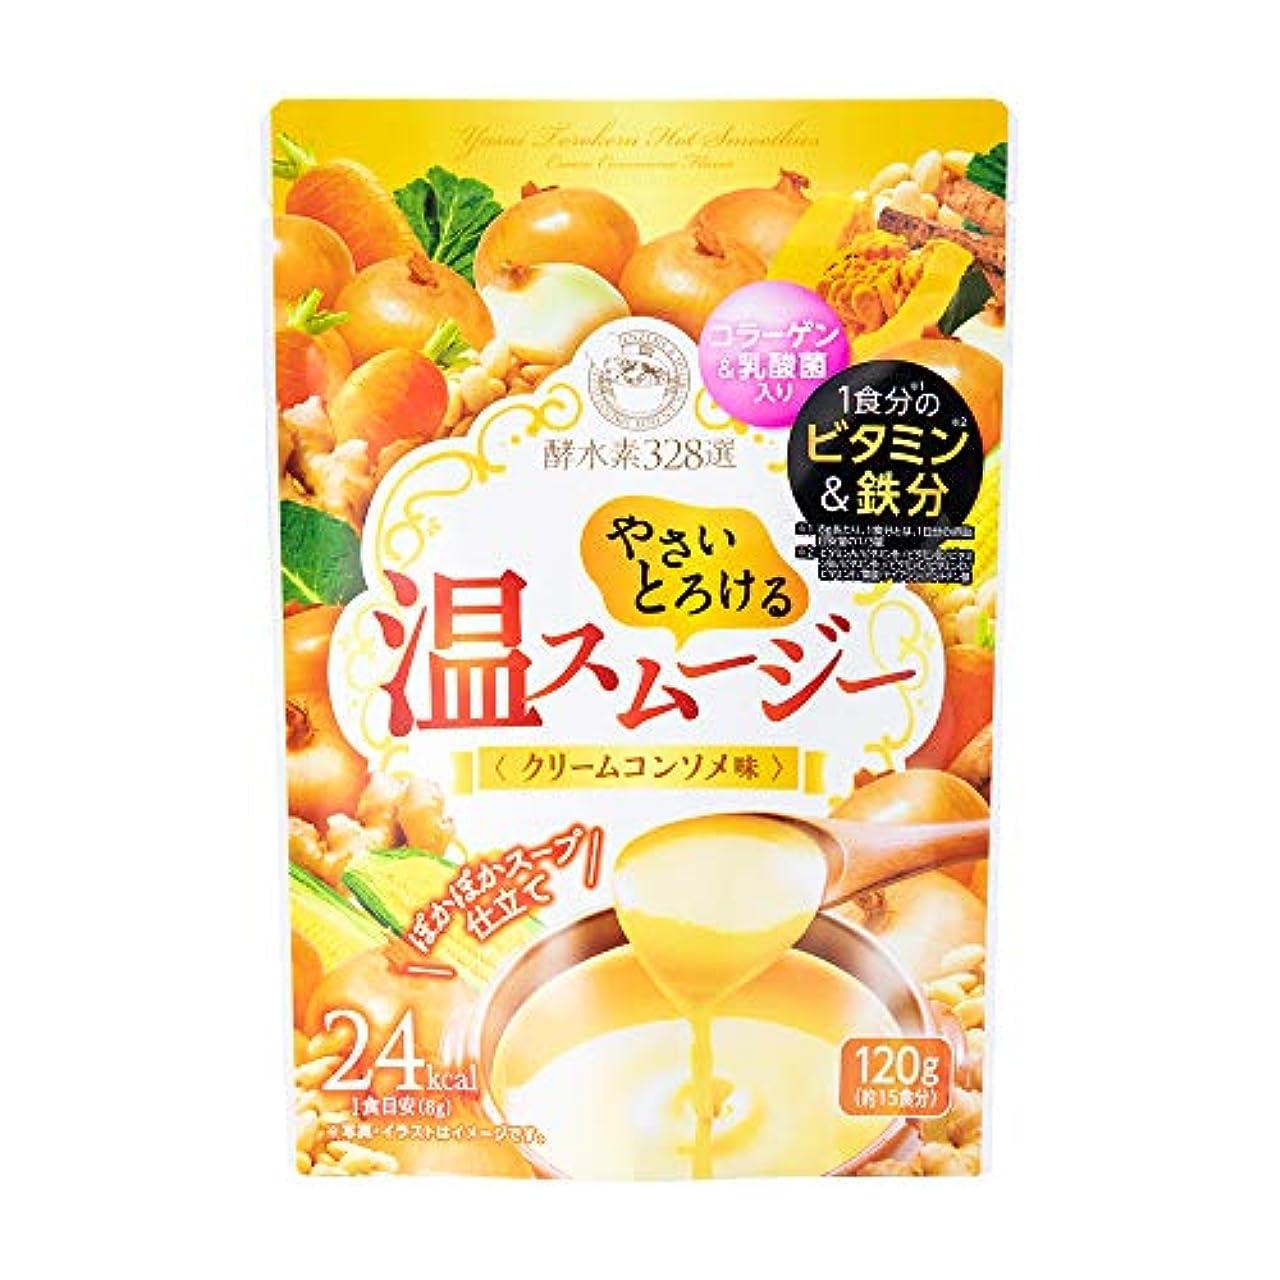 開発大使ハンカチ【公式】酵水素328選 やさいとろける温スムージー (クリームコンソメ味)